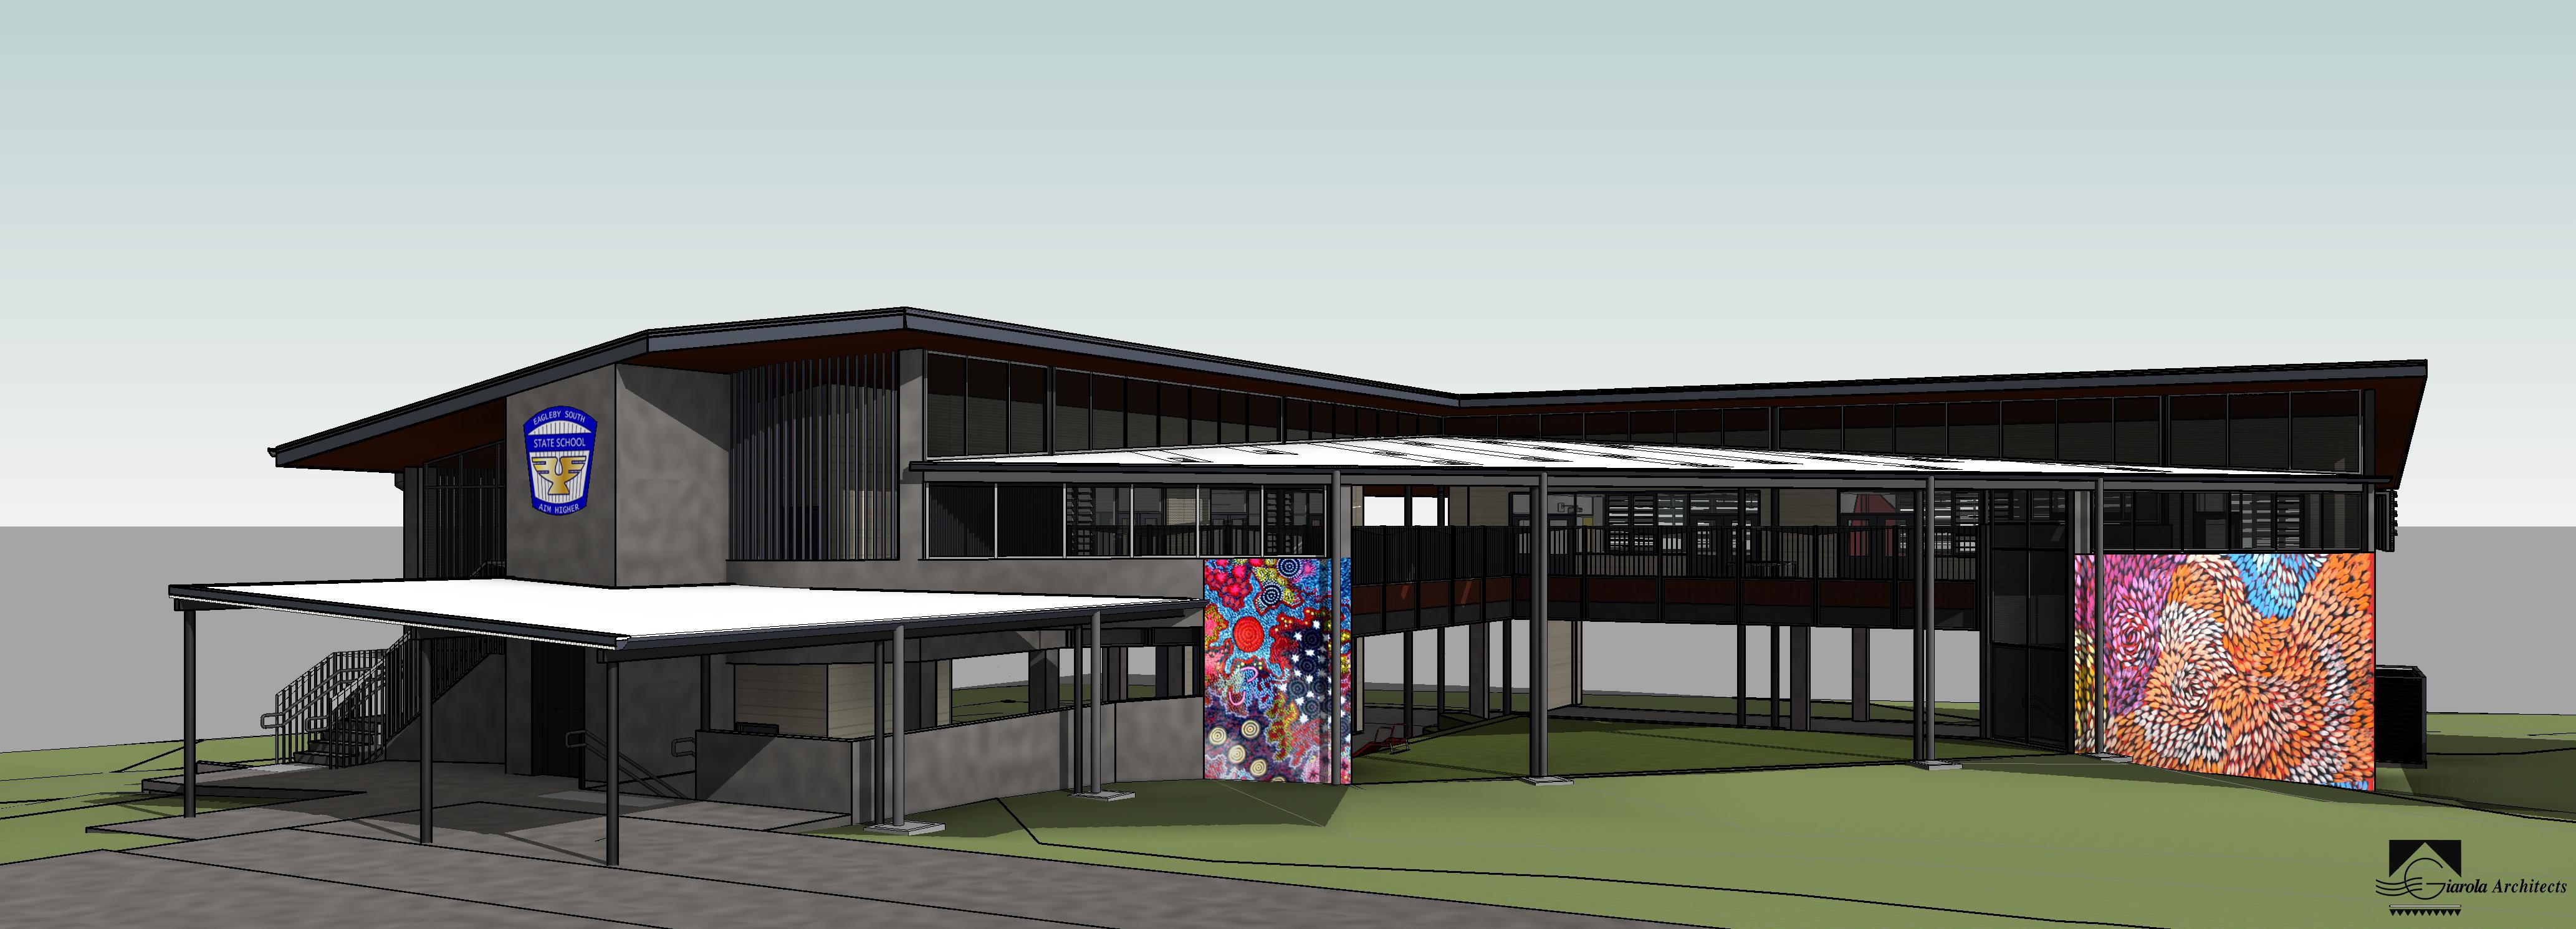 School, Design, Concept Design